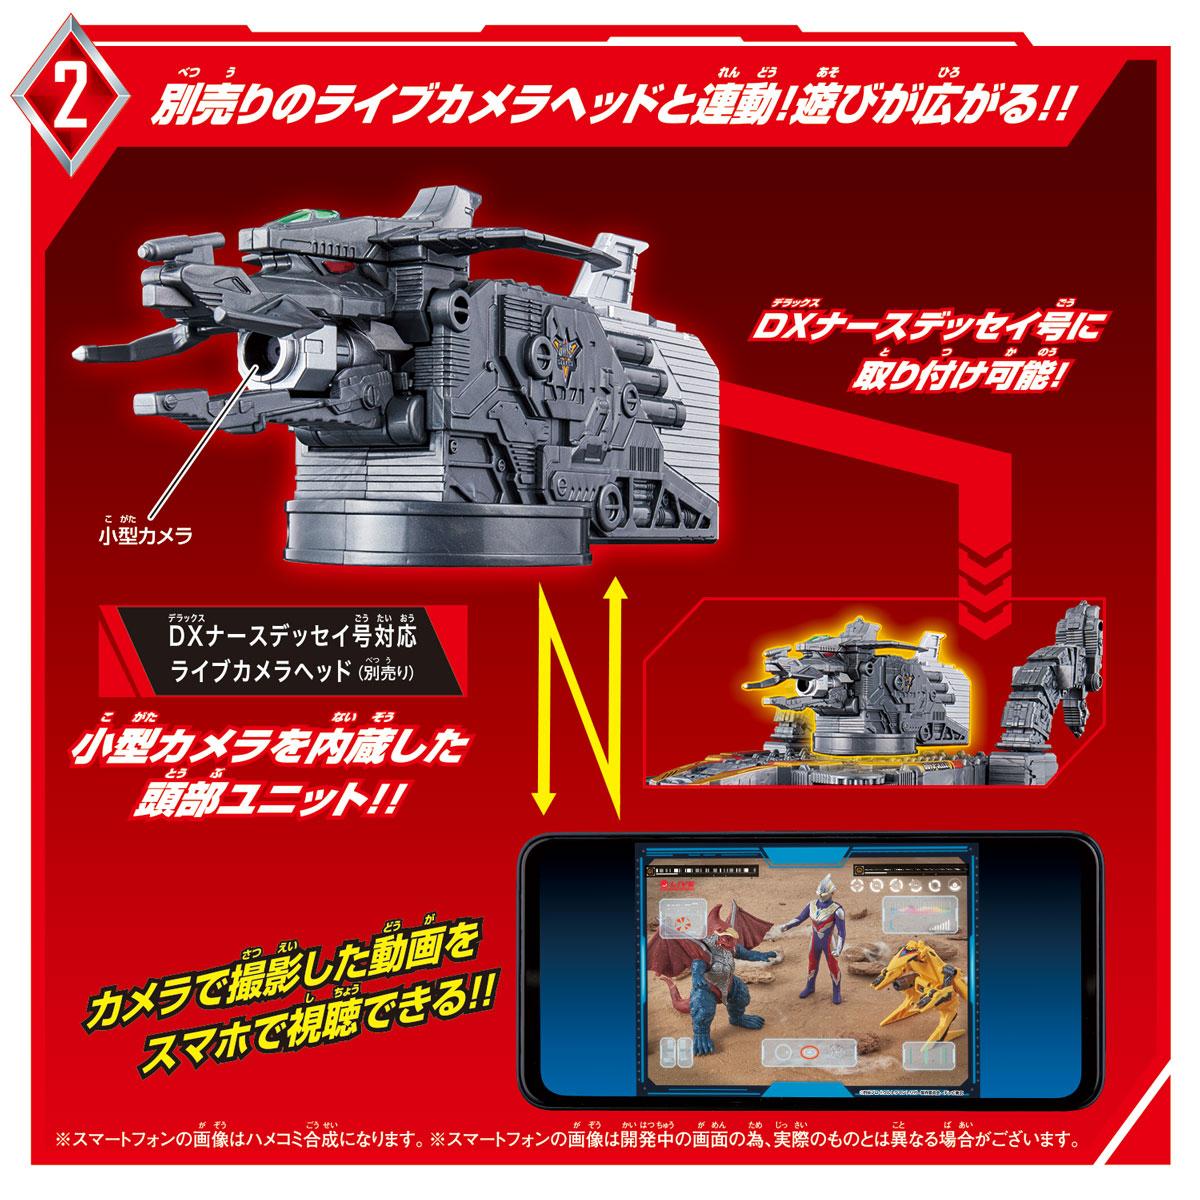 ウルトラマントリガー『渦巻変形 DXナースデッセイ号』可変可動フィギュア-006